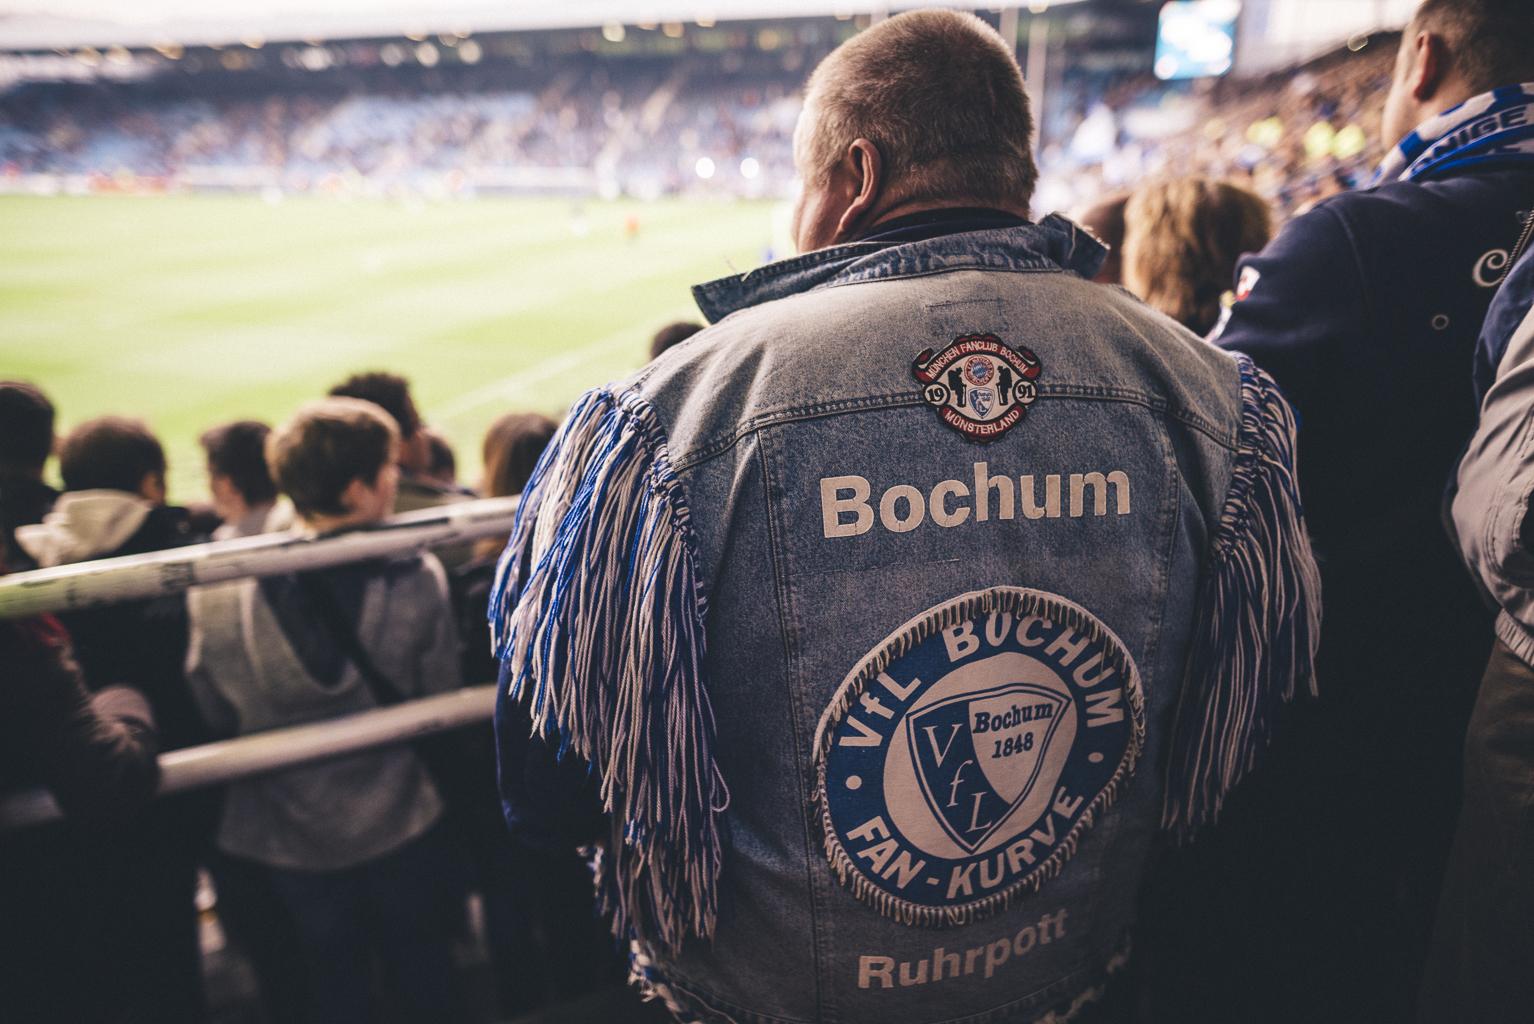 rewirpowerstadion | vfl bochum 1848 | 2015